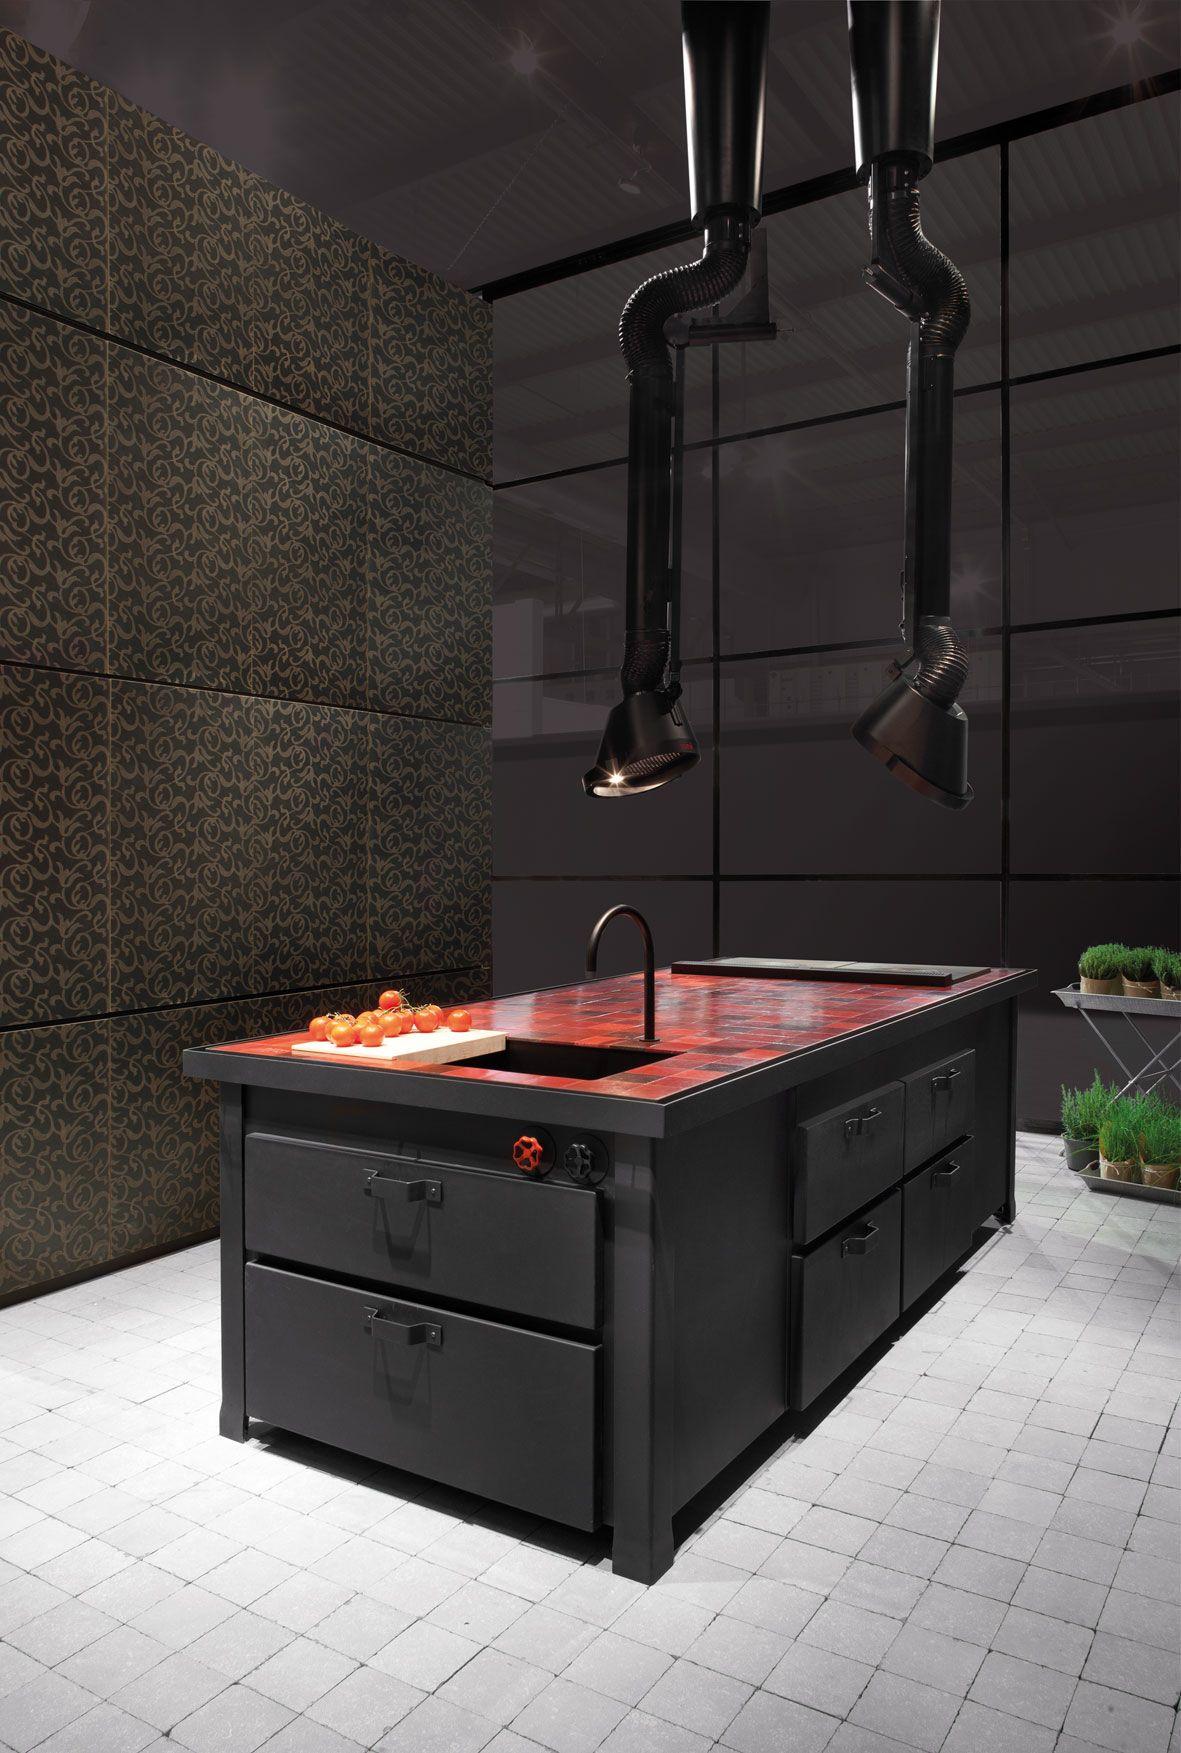 Fitted kitchen with island min professional by minacciolo - Minacciolo cuisine ...